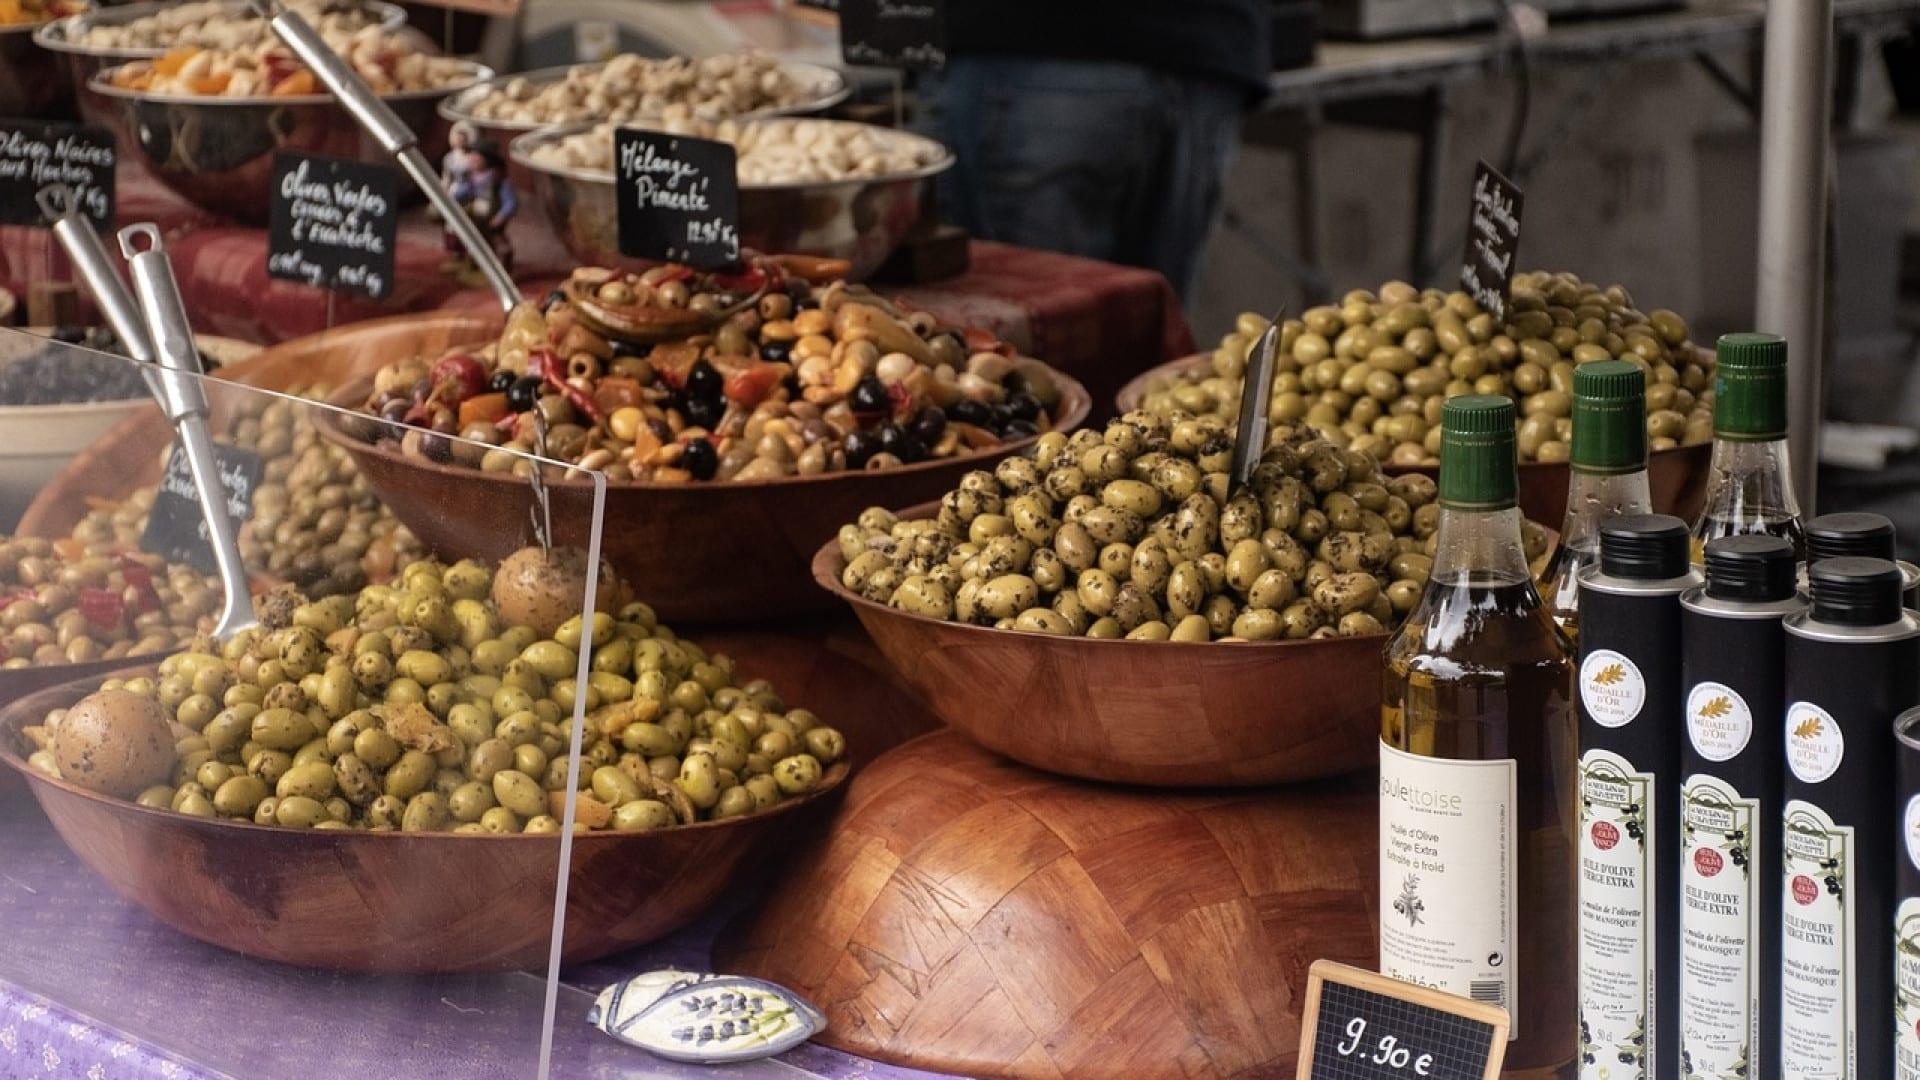 Se rendre dans un moulin pour acheter de l'huile d'olive